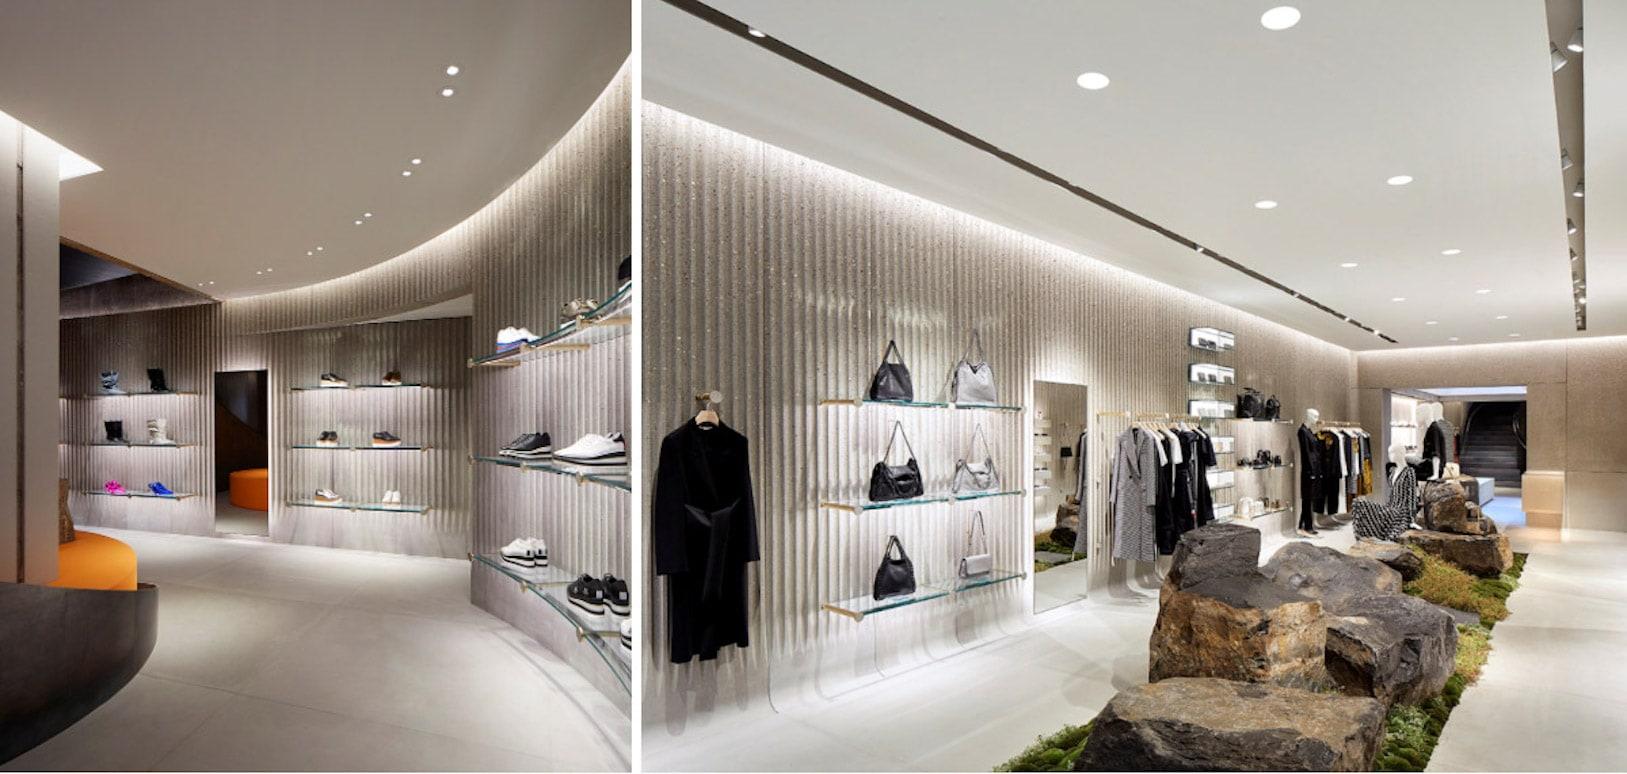 Disenio-luminico-para-destacar-los-productos-en-exhibicion-tienda-de-Stella-McCartney